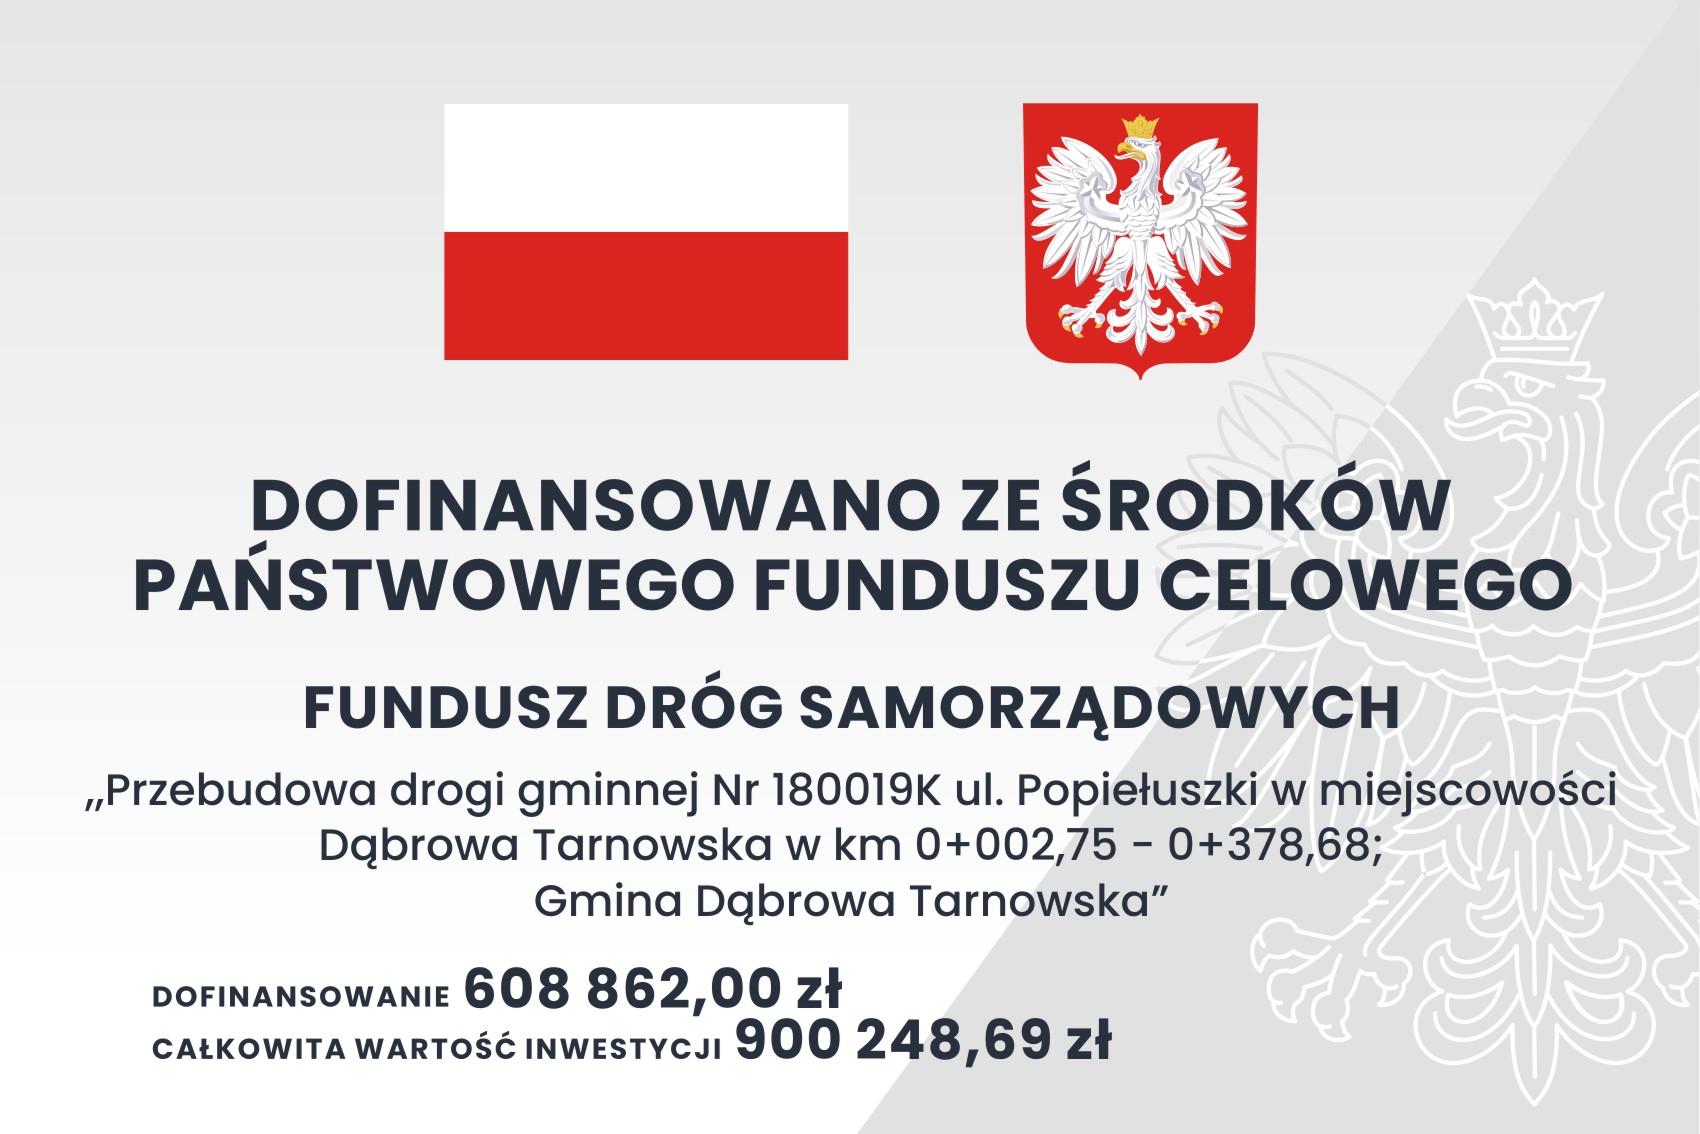 tablica2 FDS 2szt1 <cent />Fundusz Dróg Samorządowych<br>w Gminie Dąbrowa Tarnowska</center>